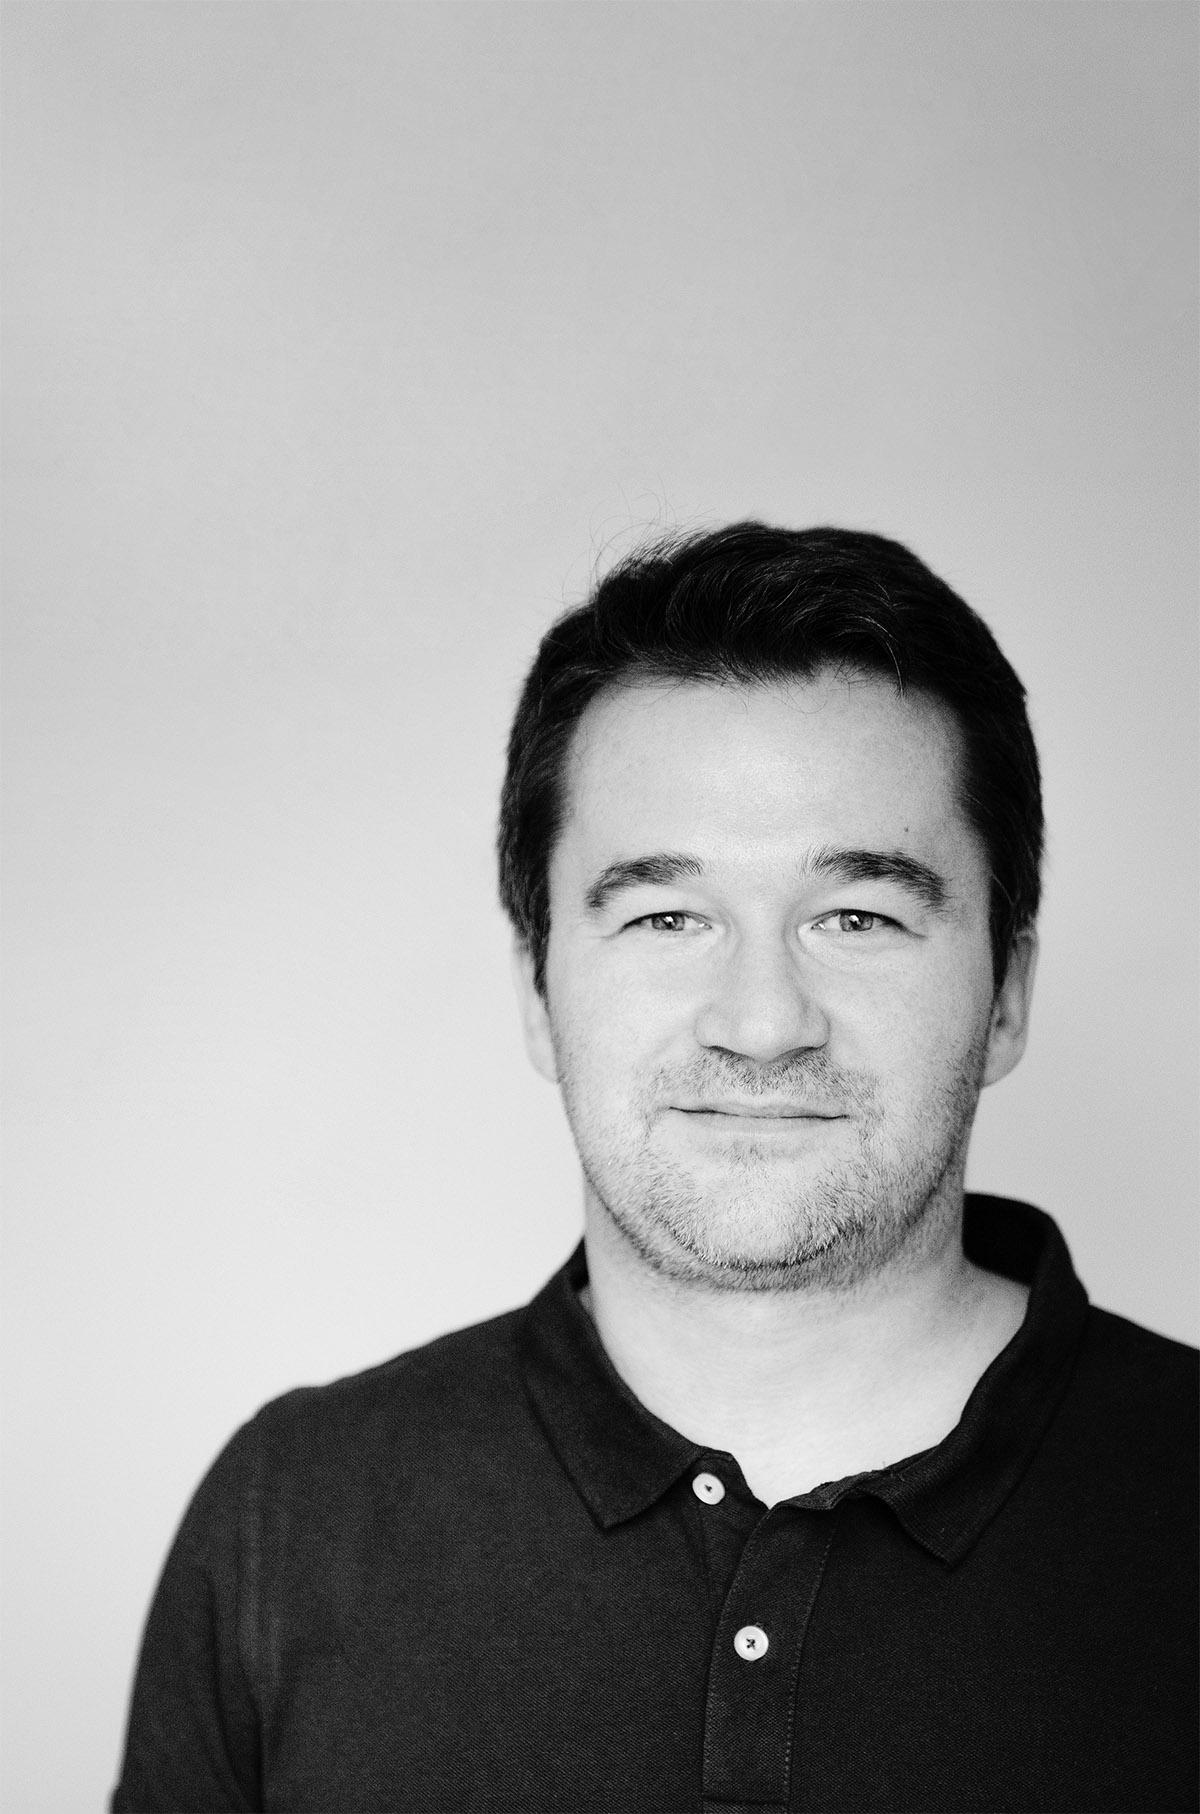 Portrait des Conversory Mitarbeiters Markus Kroisenbrunner